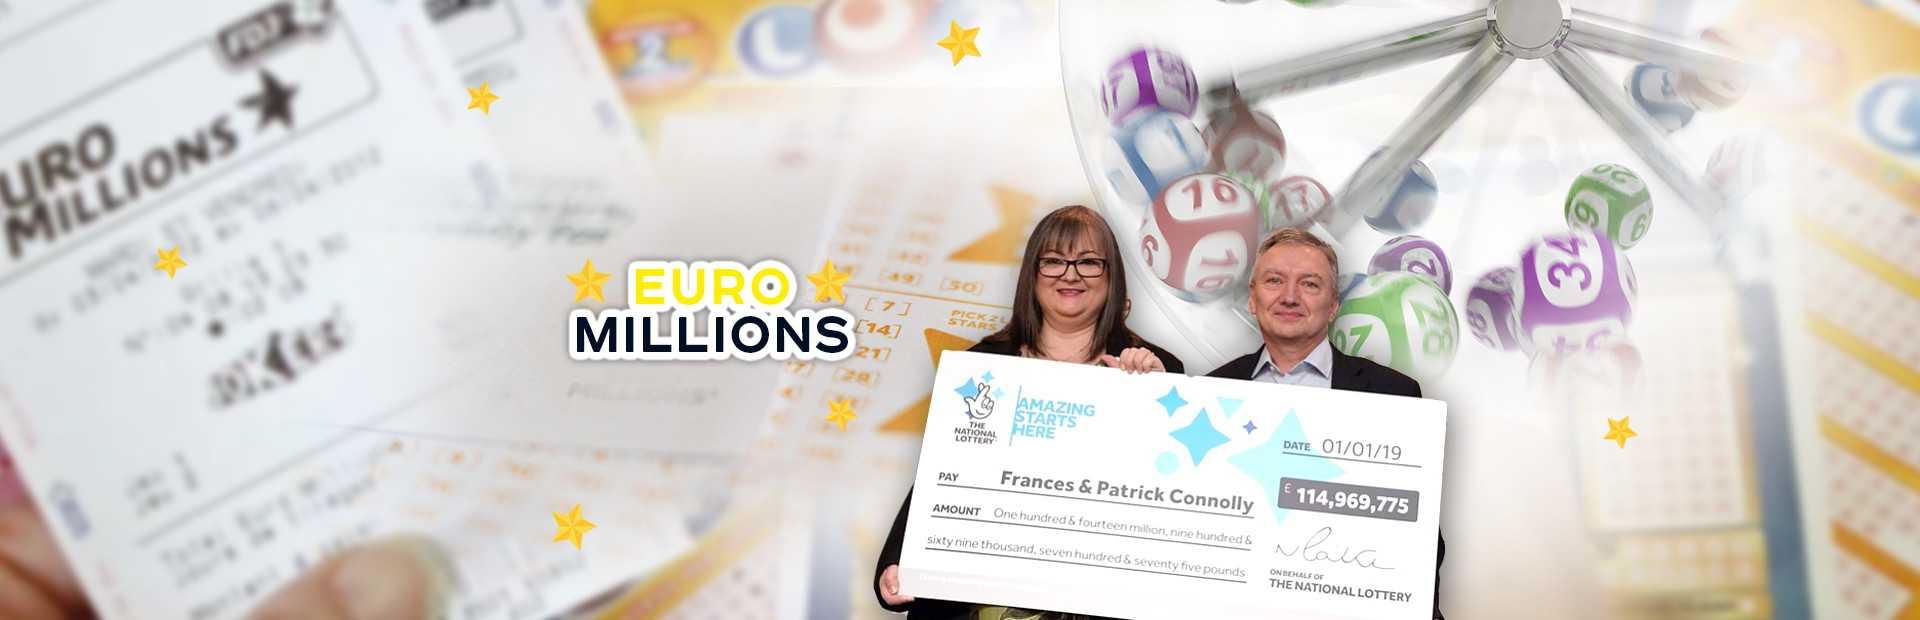 Европейские лотереи для российского игрока: где купить, как выиграть | зарубежные лотереи